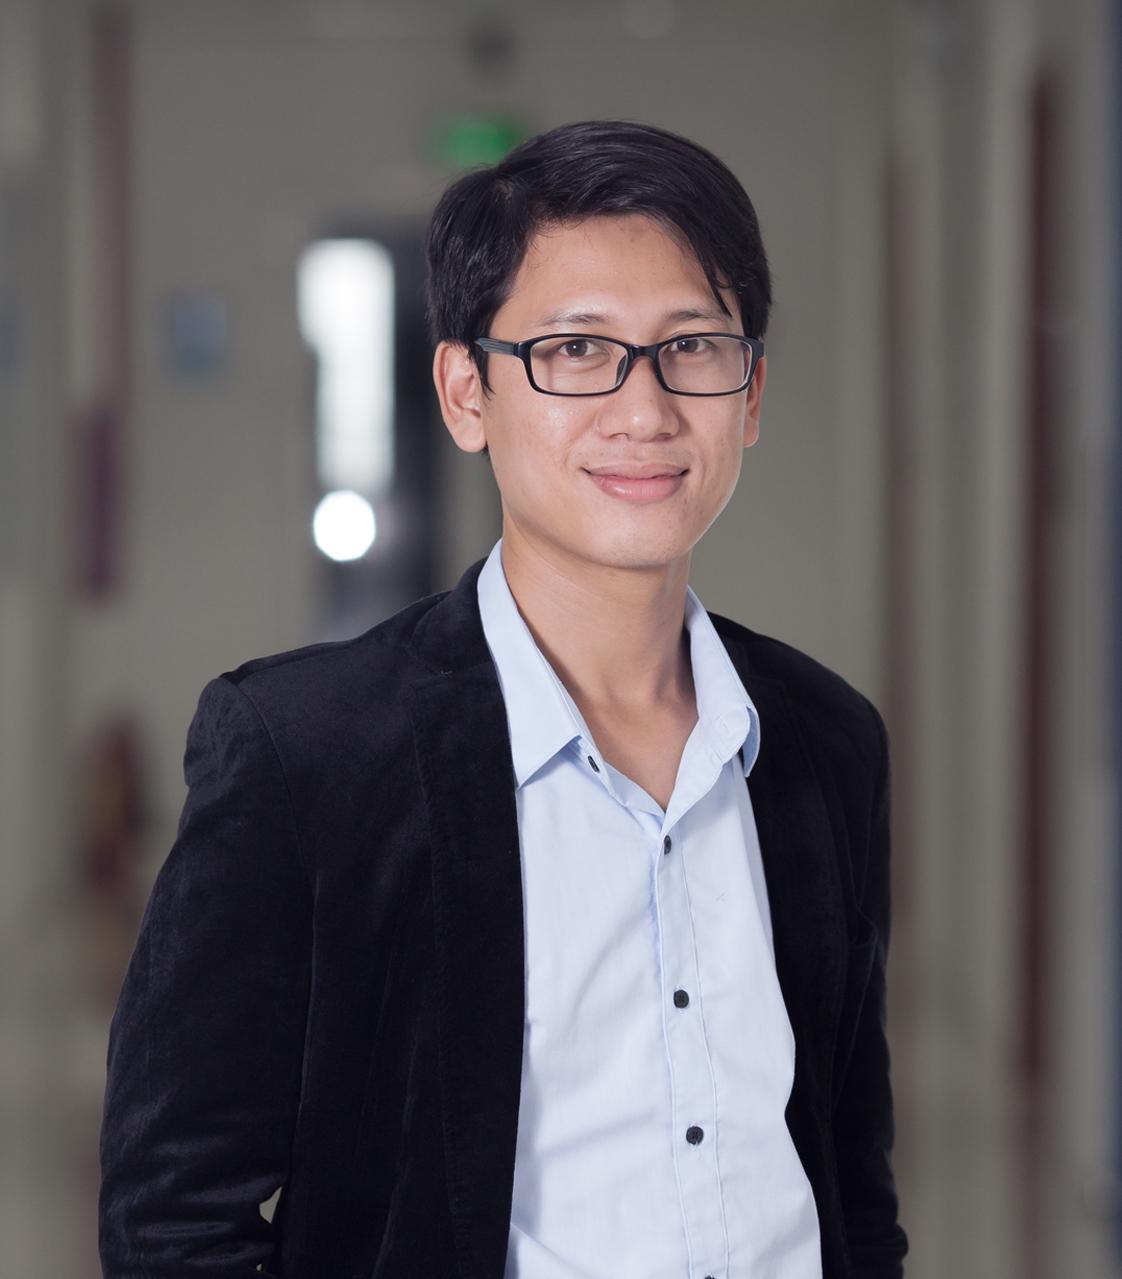 Mr. Nguyen Dinh Tuan